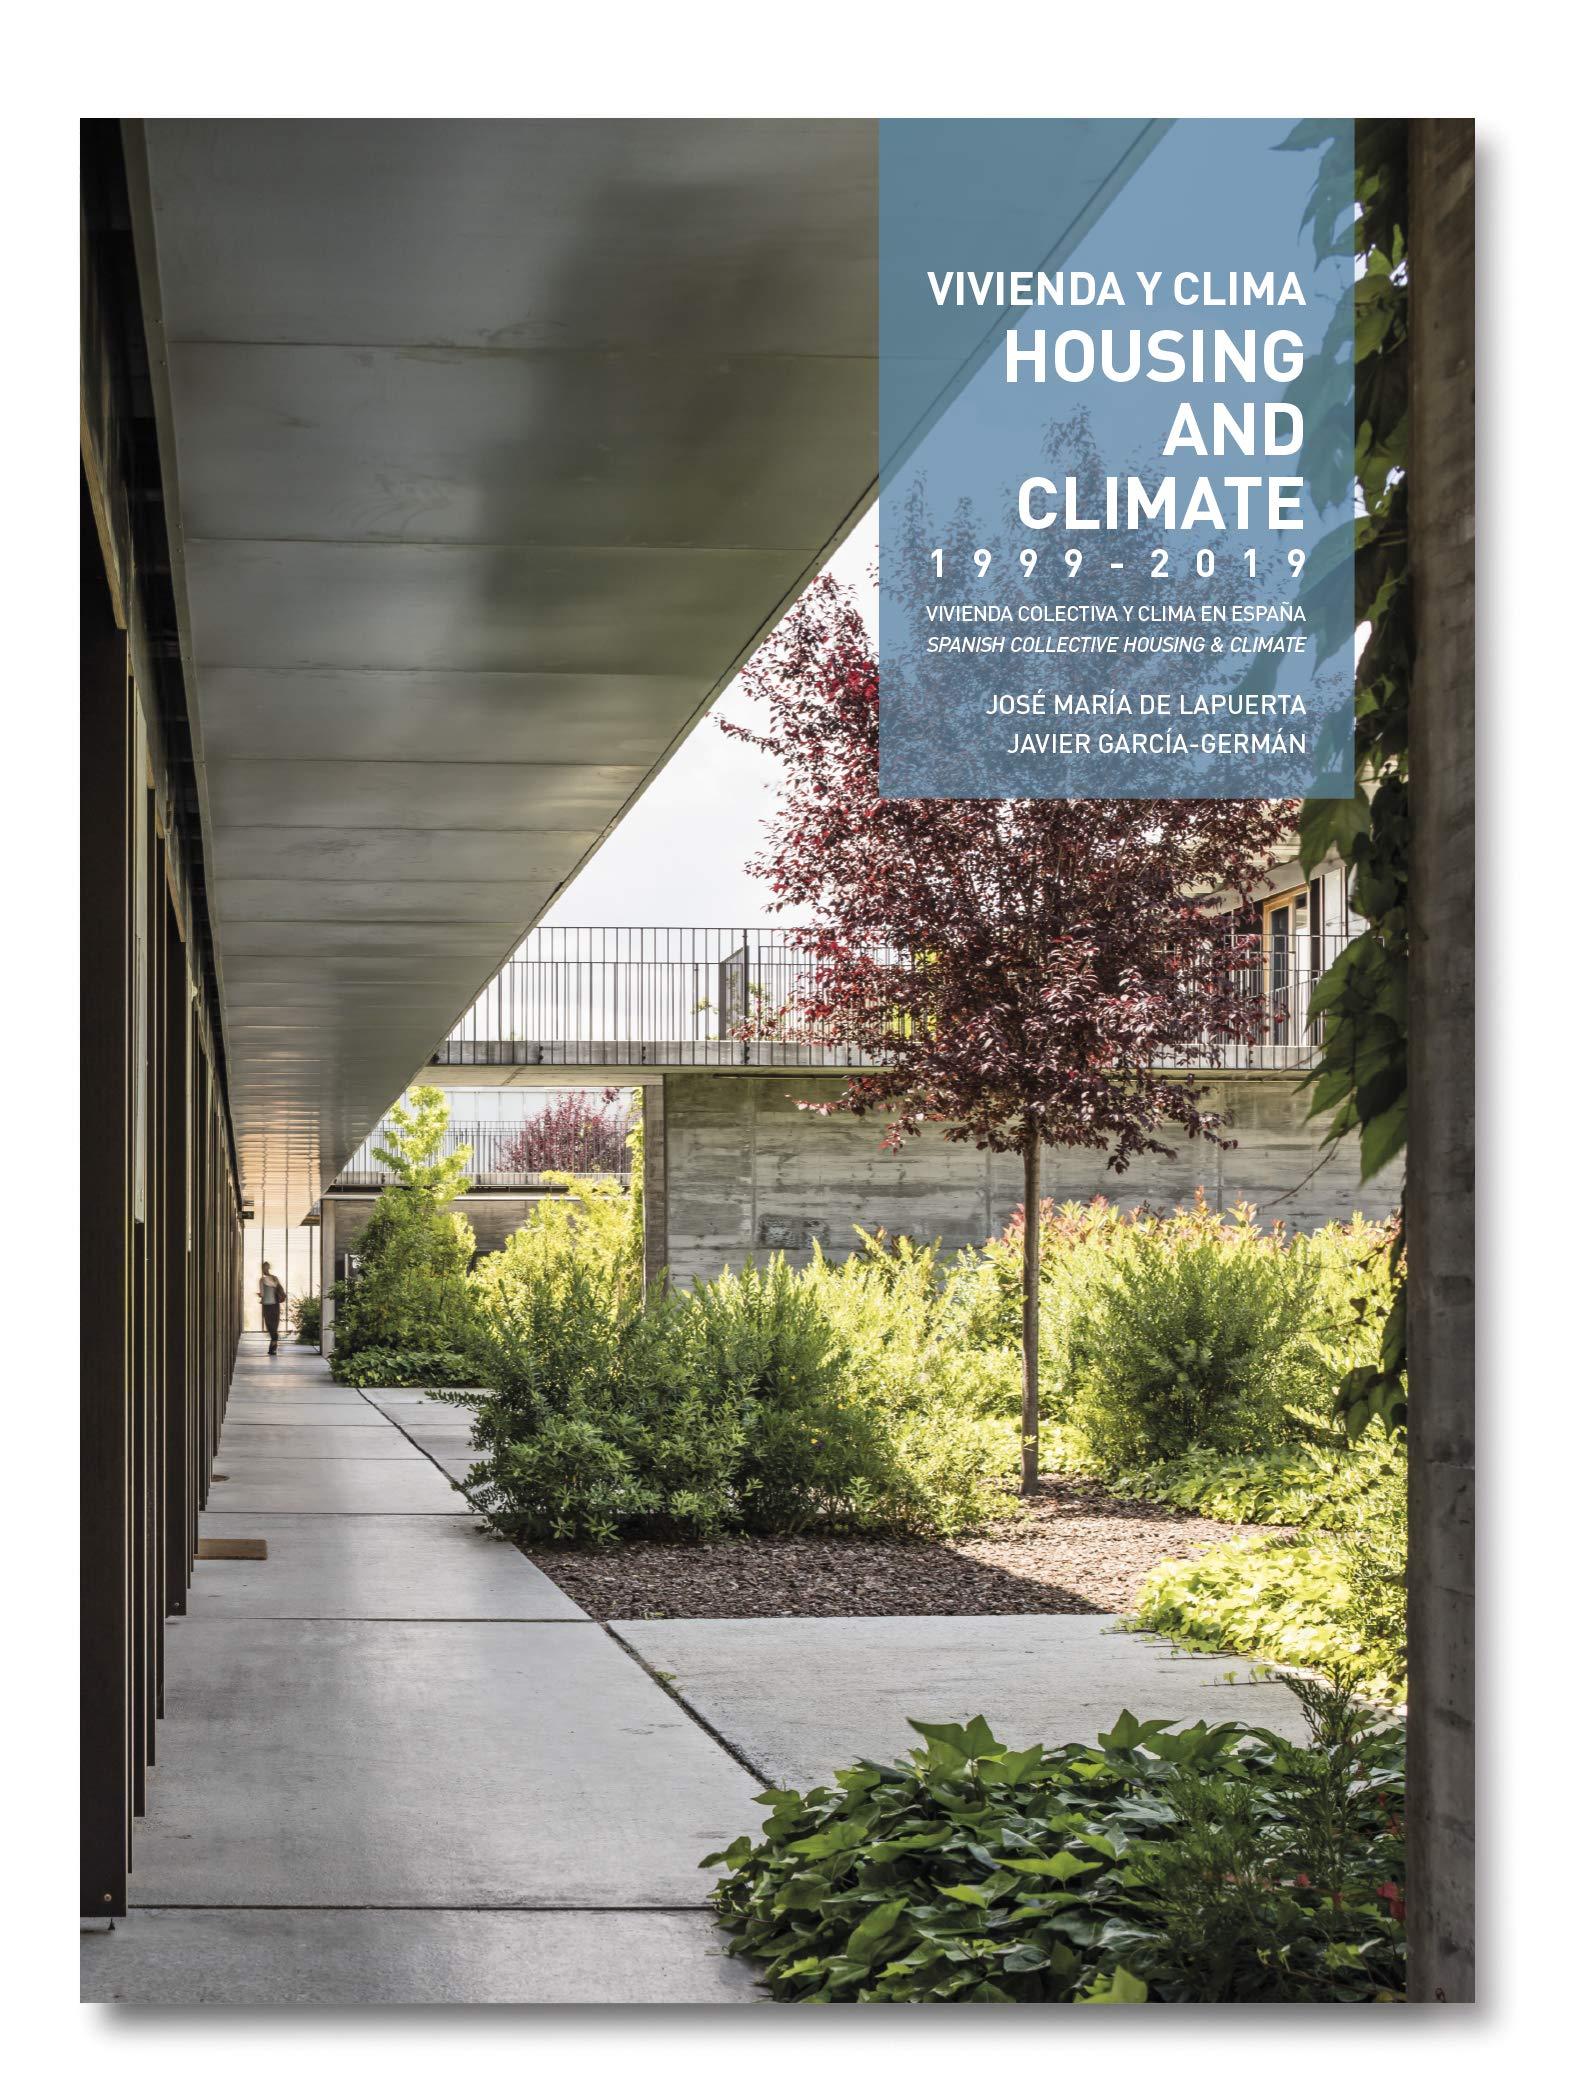 Vivienda y Clima. Housing and Climate: Vivienda Colectiva y Clima ...